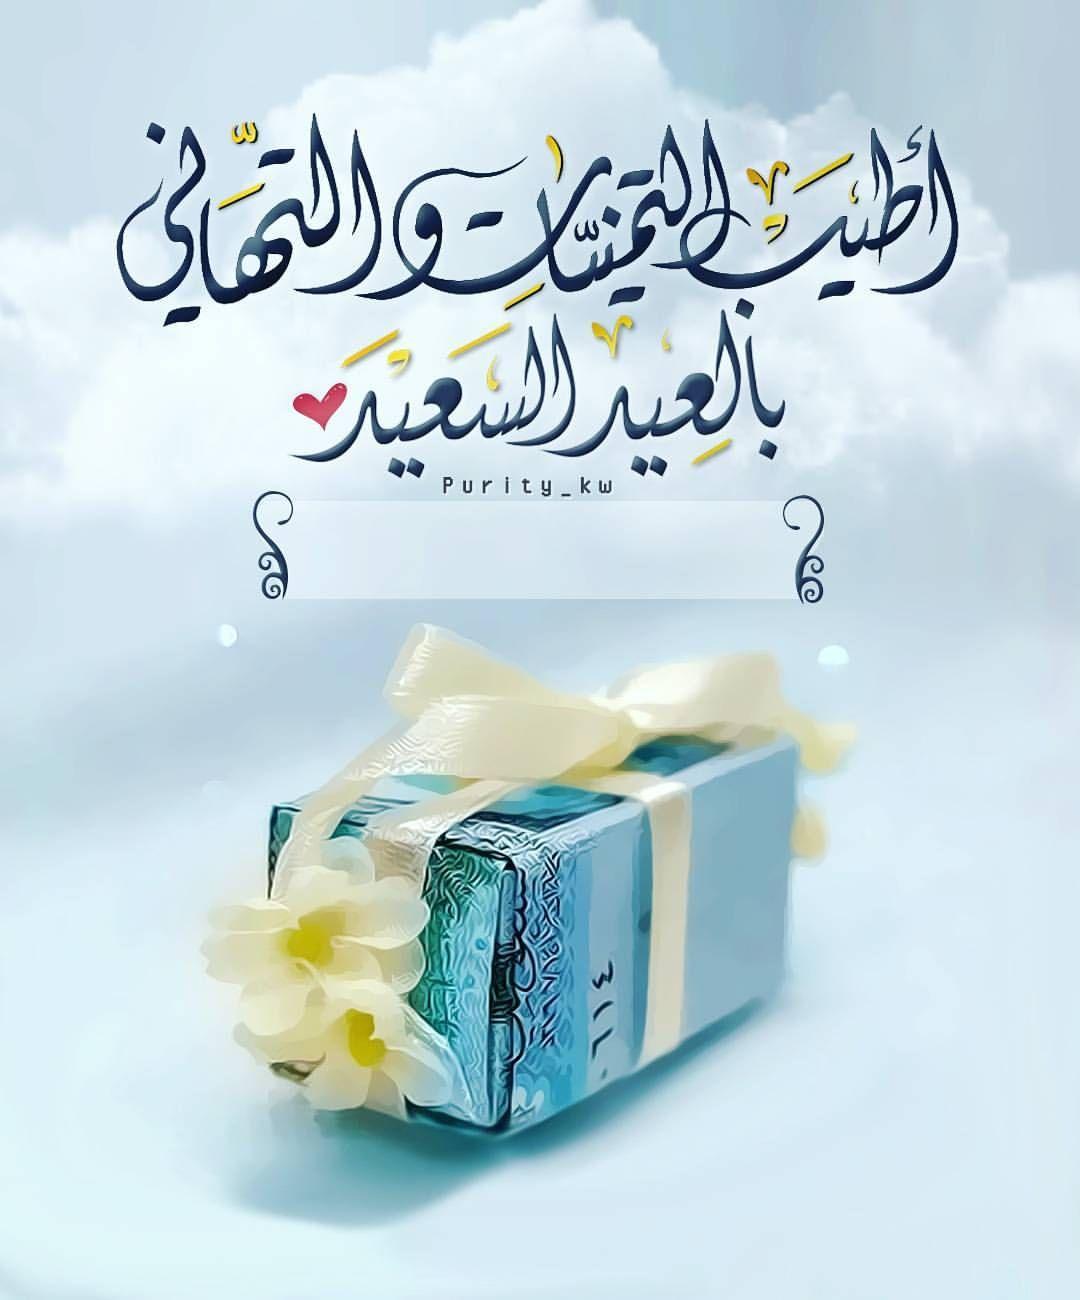 كل عام وأنتم بخير صباح الخير تصاميم عيد عيد عيدكم مبارك وكل عام وانتم بخير عيد الاضحى المبارك عيد Eid Crafts Eid Mubarak Card Eid Greetings